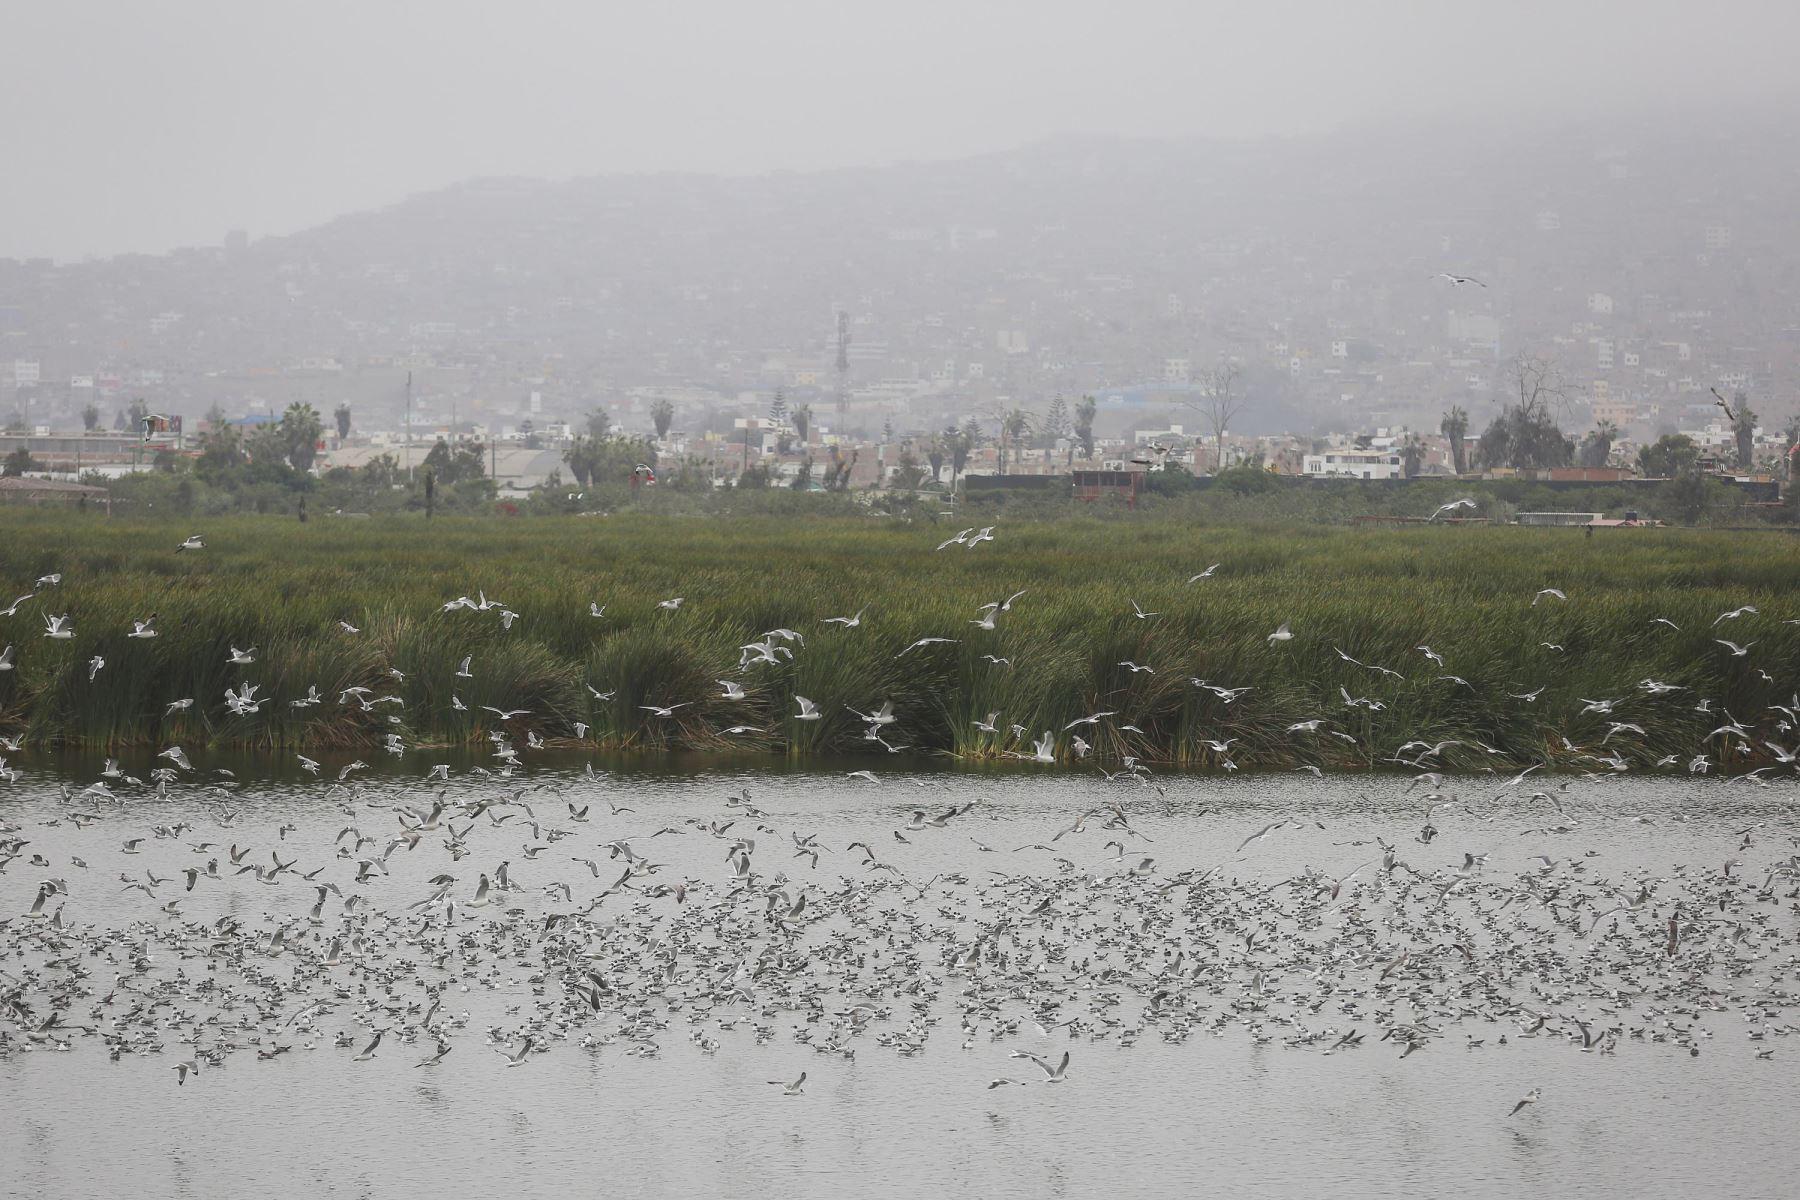 Festival de las Aves Migratorias, organizado por Prohvilla, dará a conocer más de sus historias y recorridos, así como los beneficios para la ciudad. Foto: ANDINA/Difusión